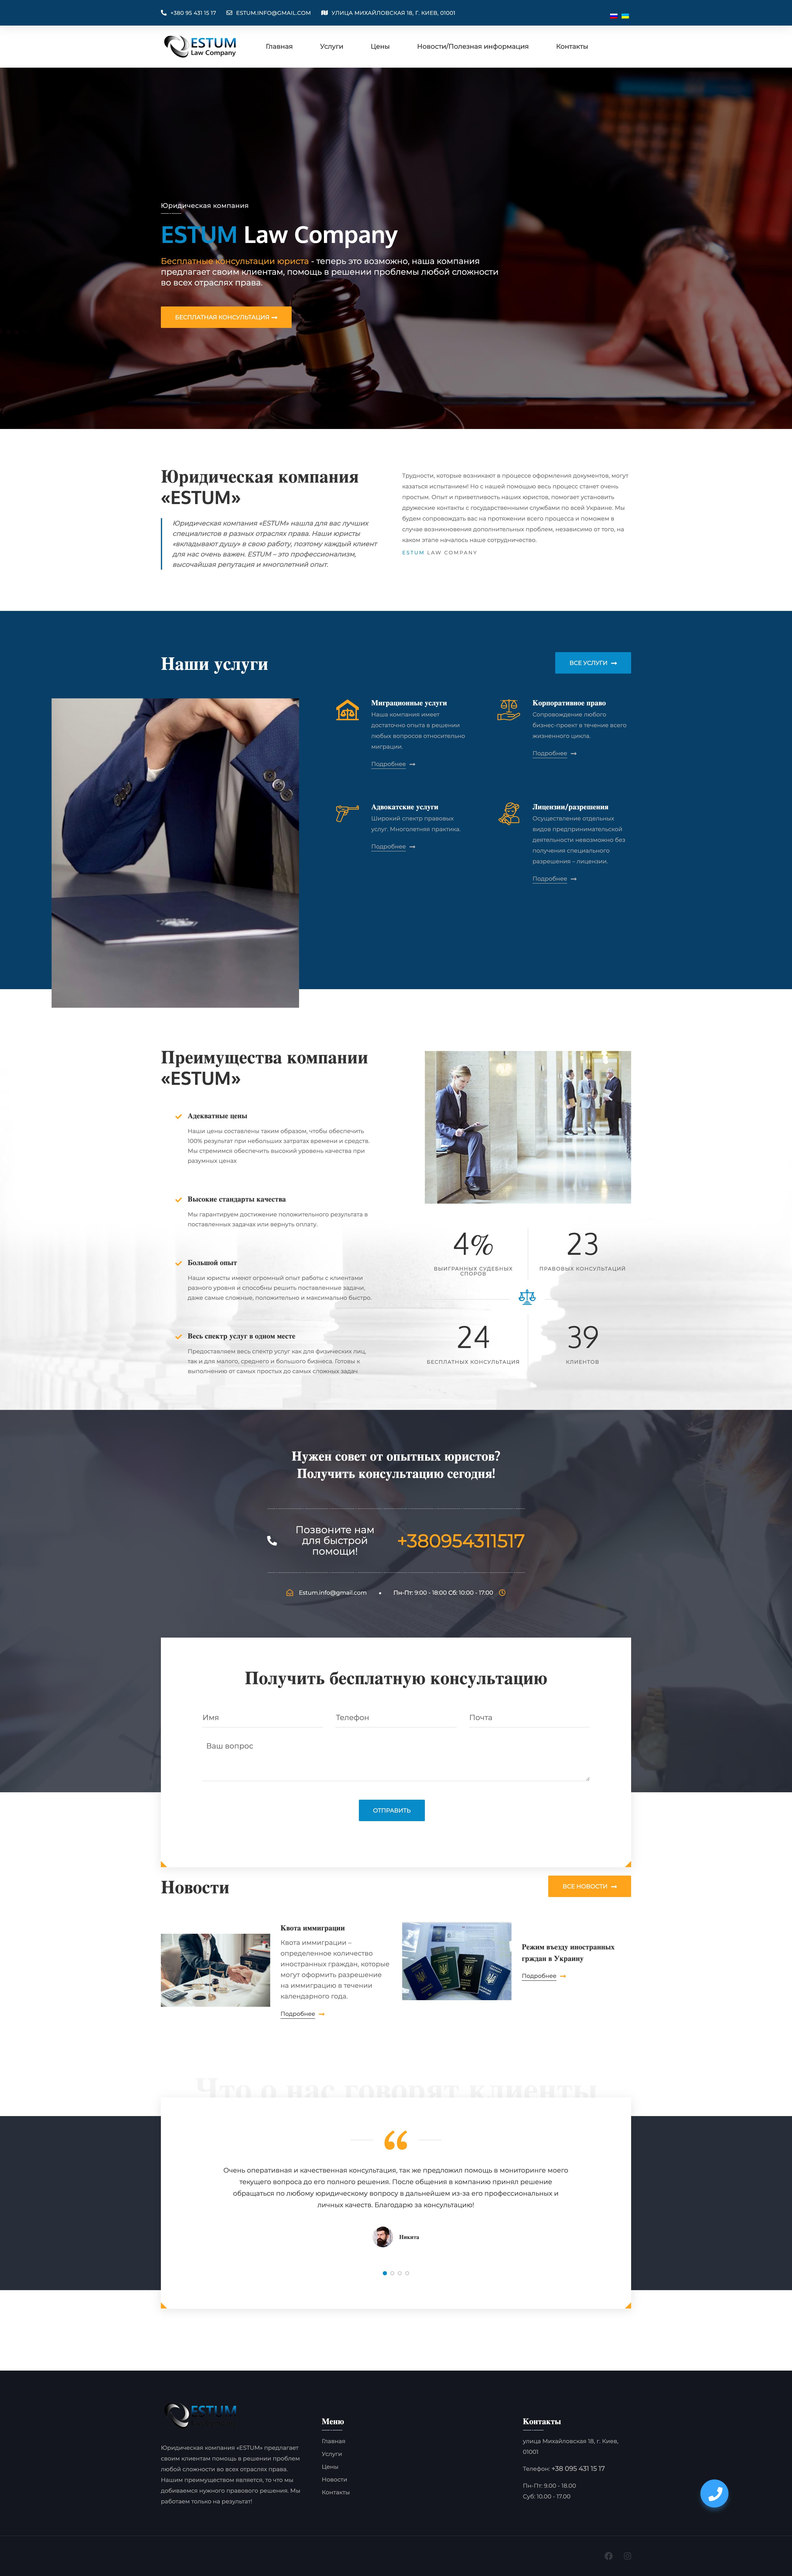 Фото Создание сайта Визитки: Юридической компании  Сроки: 12 дня Стоимость: 8000 грн.